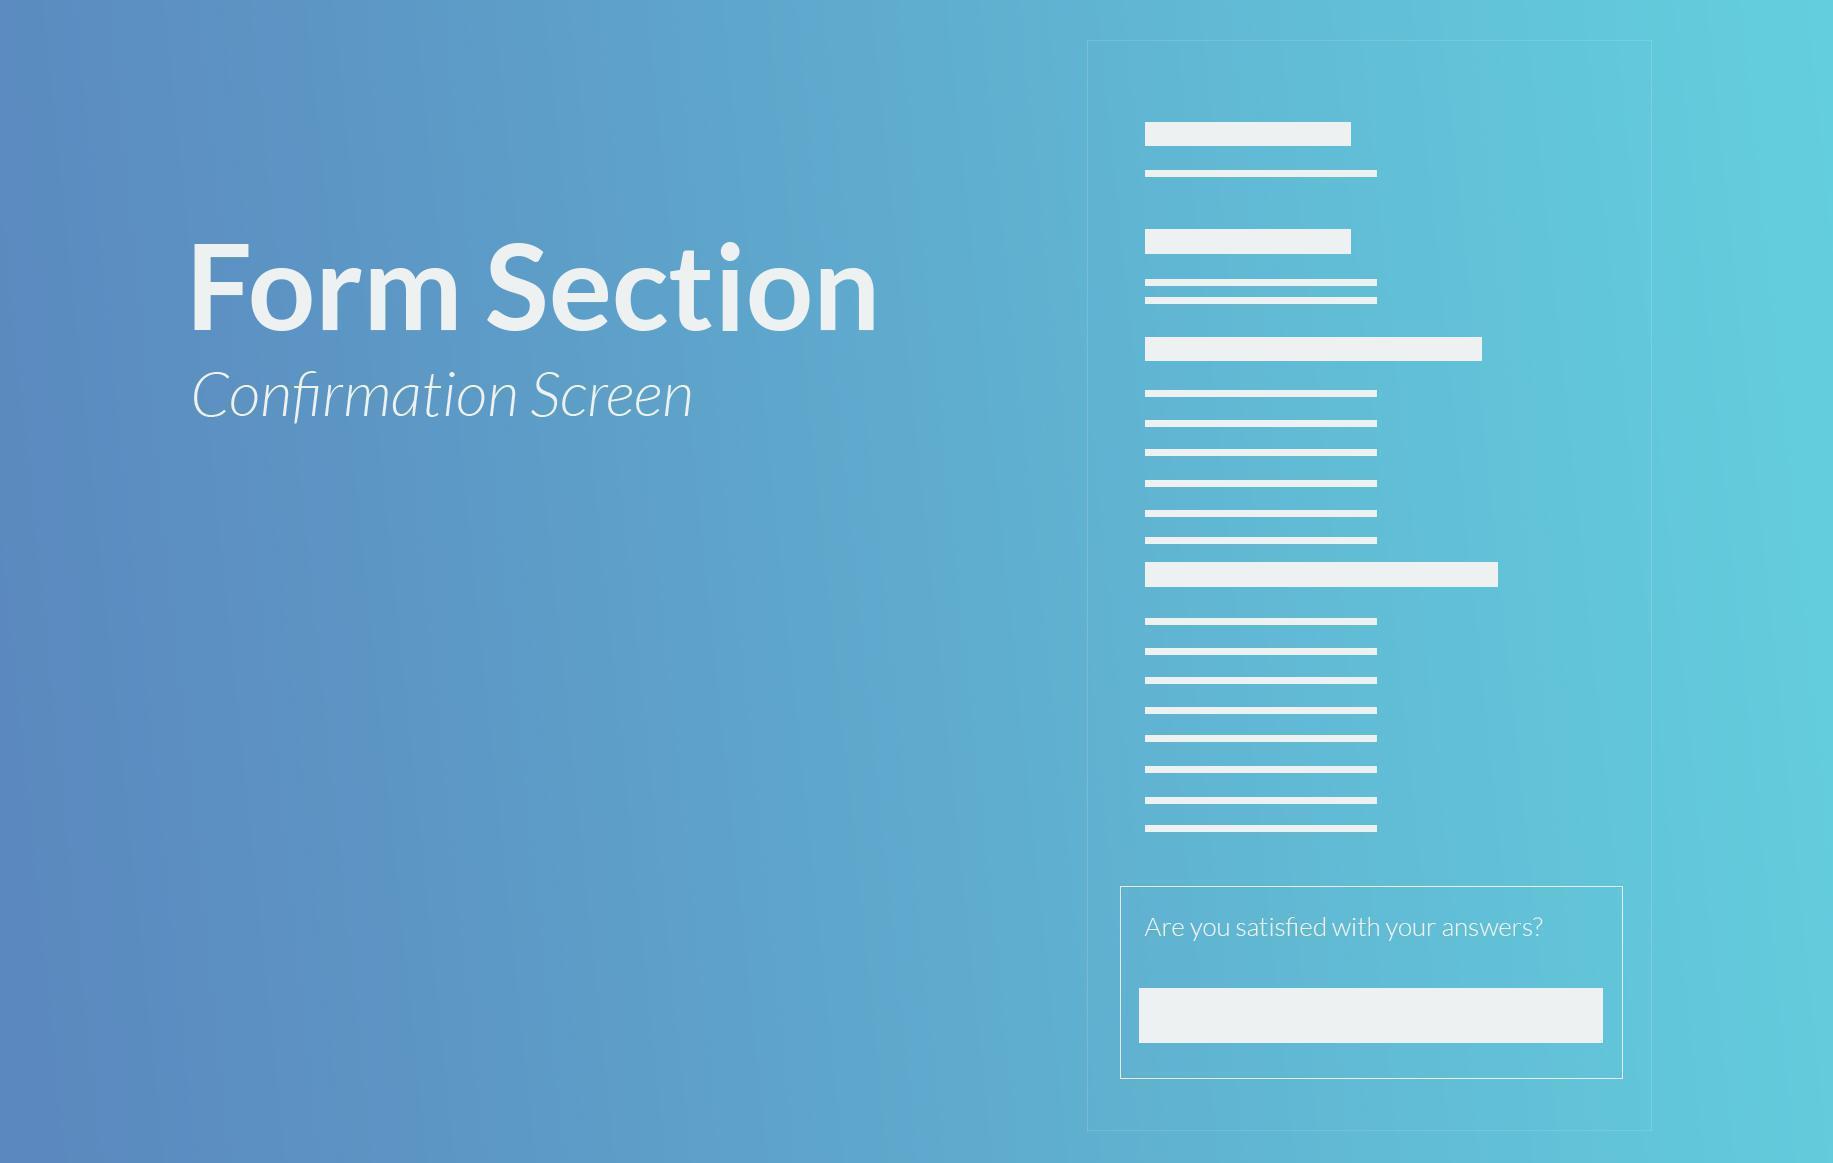 Una nuova schermata di conferma per la sezione Modulo